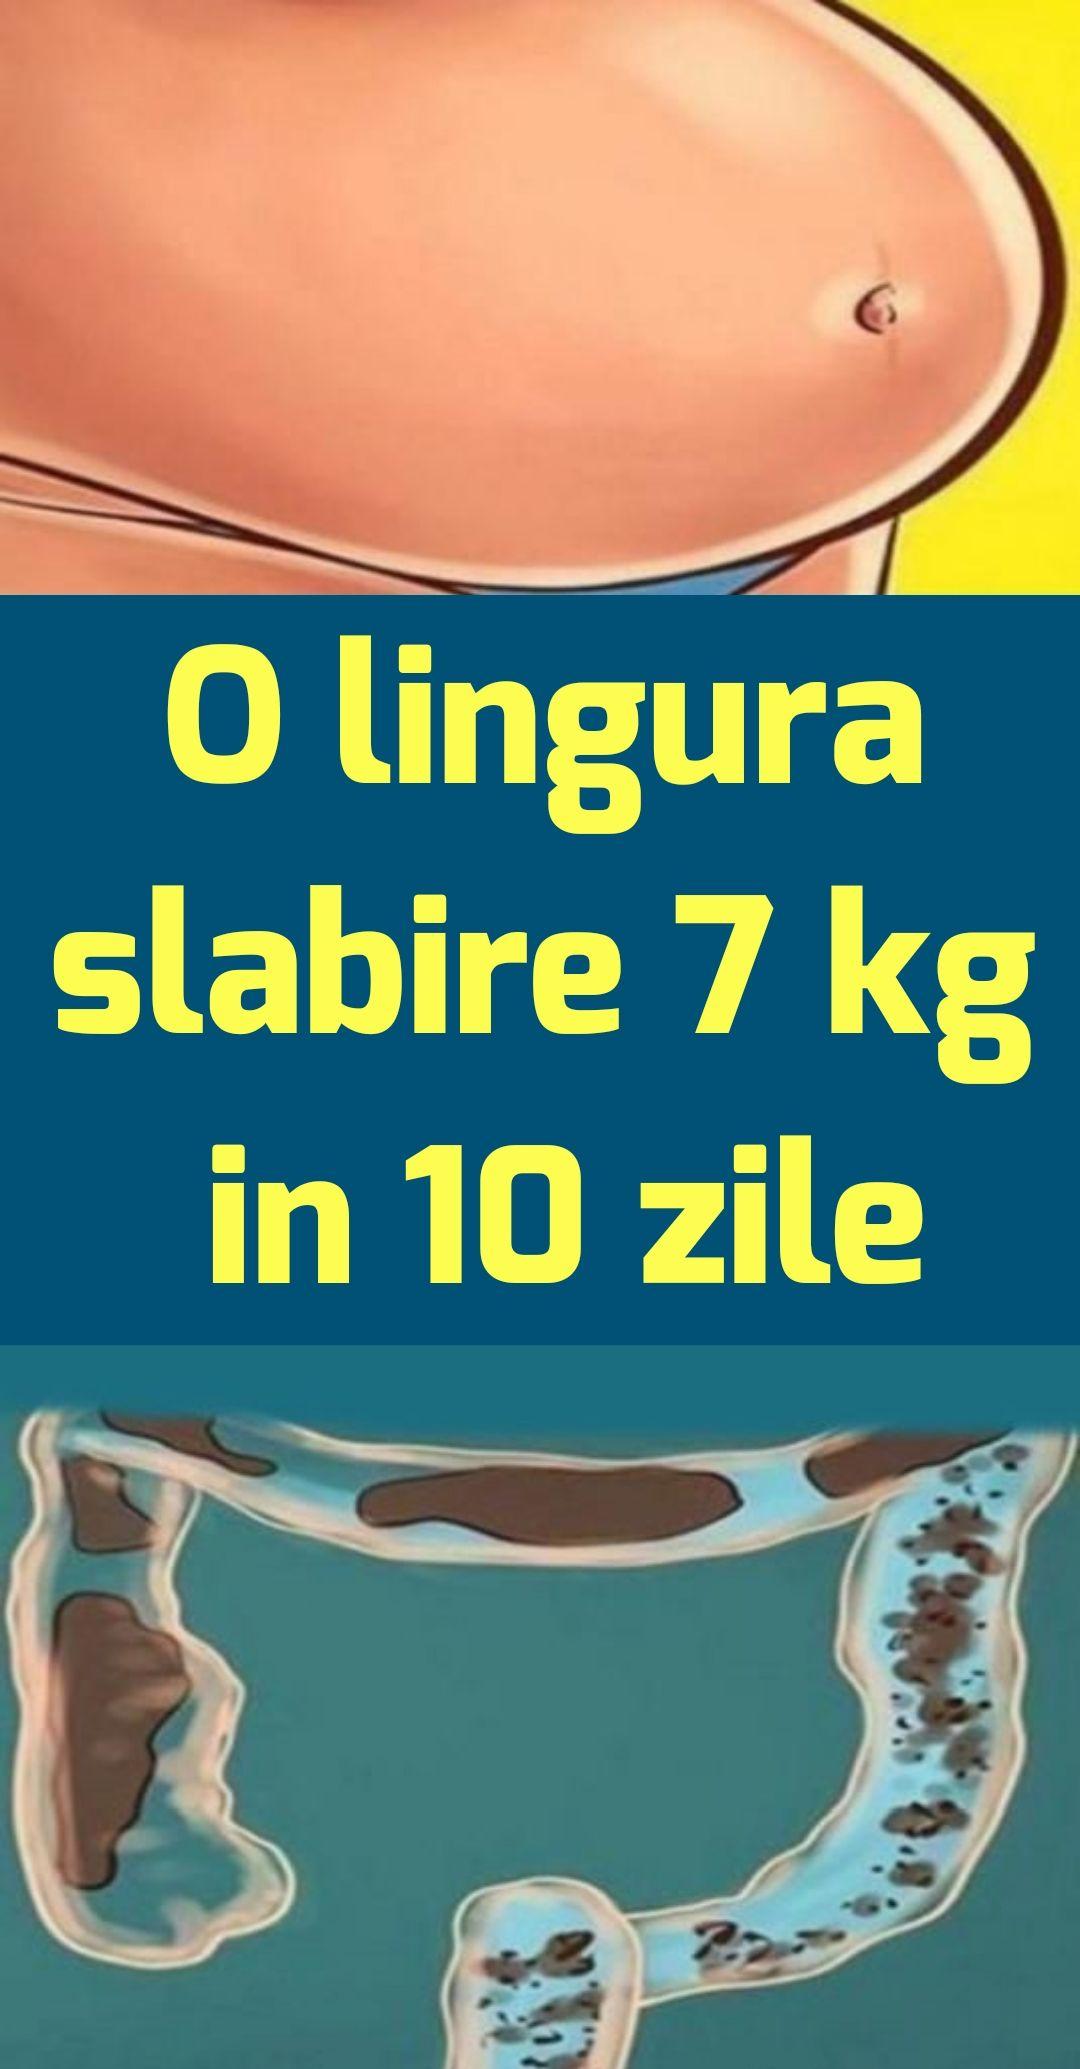 gma cuplu de pierdere în greutate